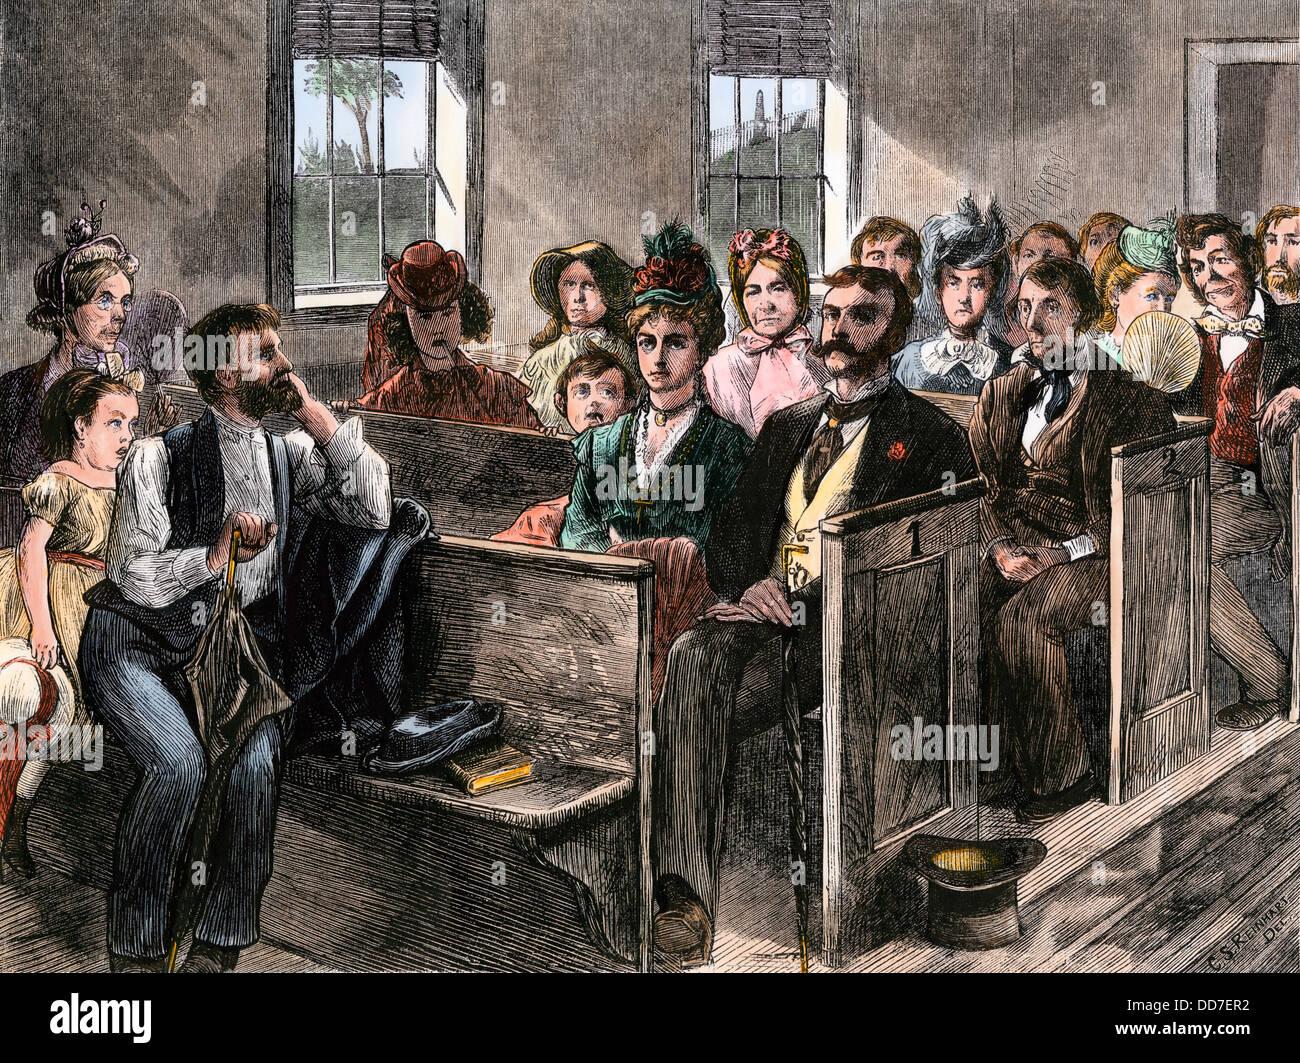 Città persone che frequentano una chiesa di campagna, 1870s. Colorate a mano la xilografia Immagini Stock